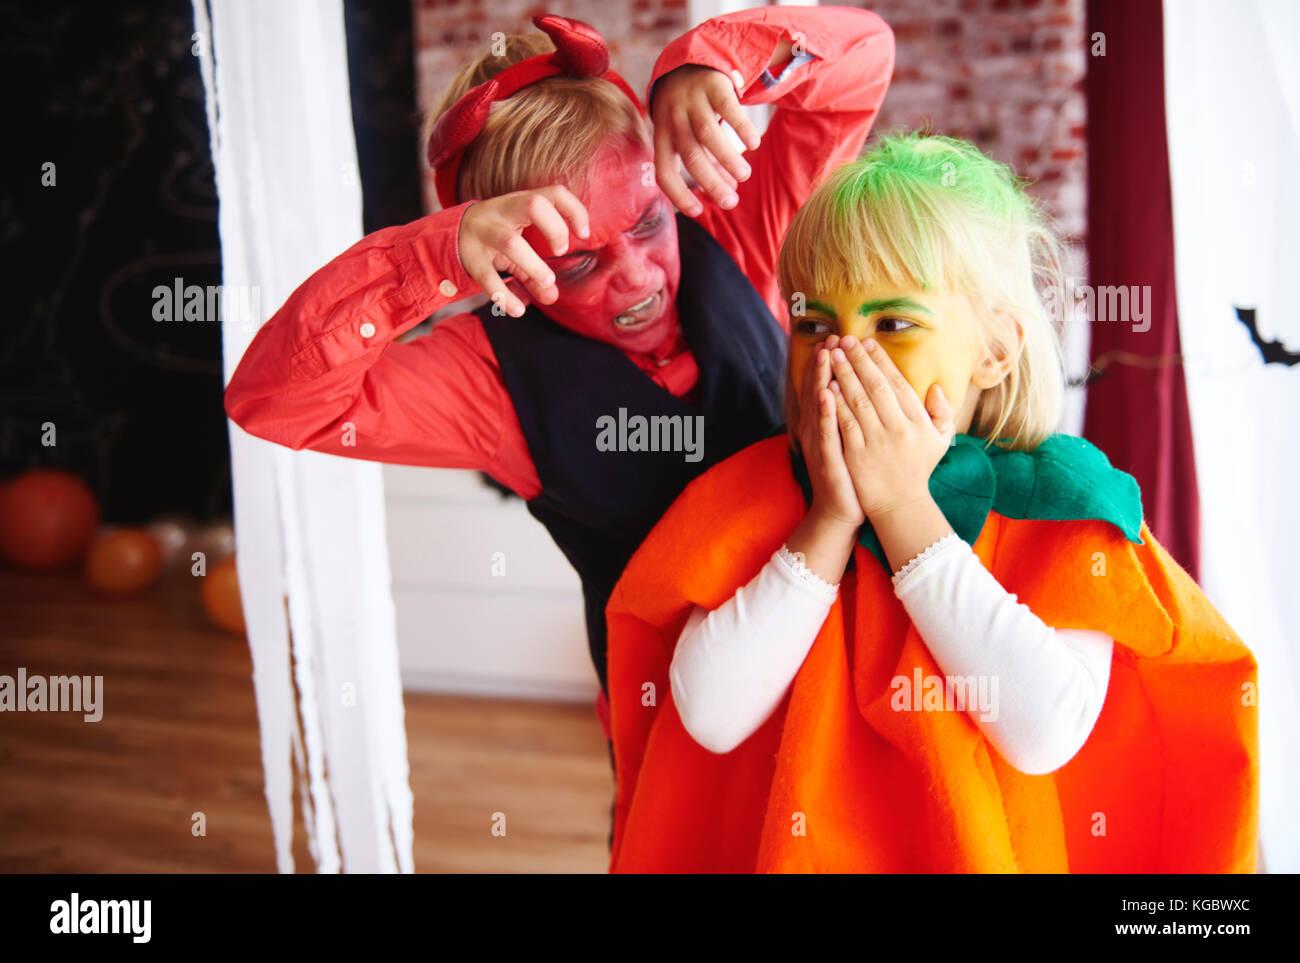 Petite fille a peur de son frère Photo Stock